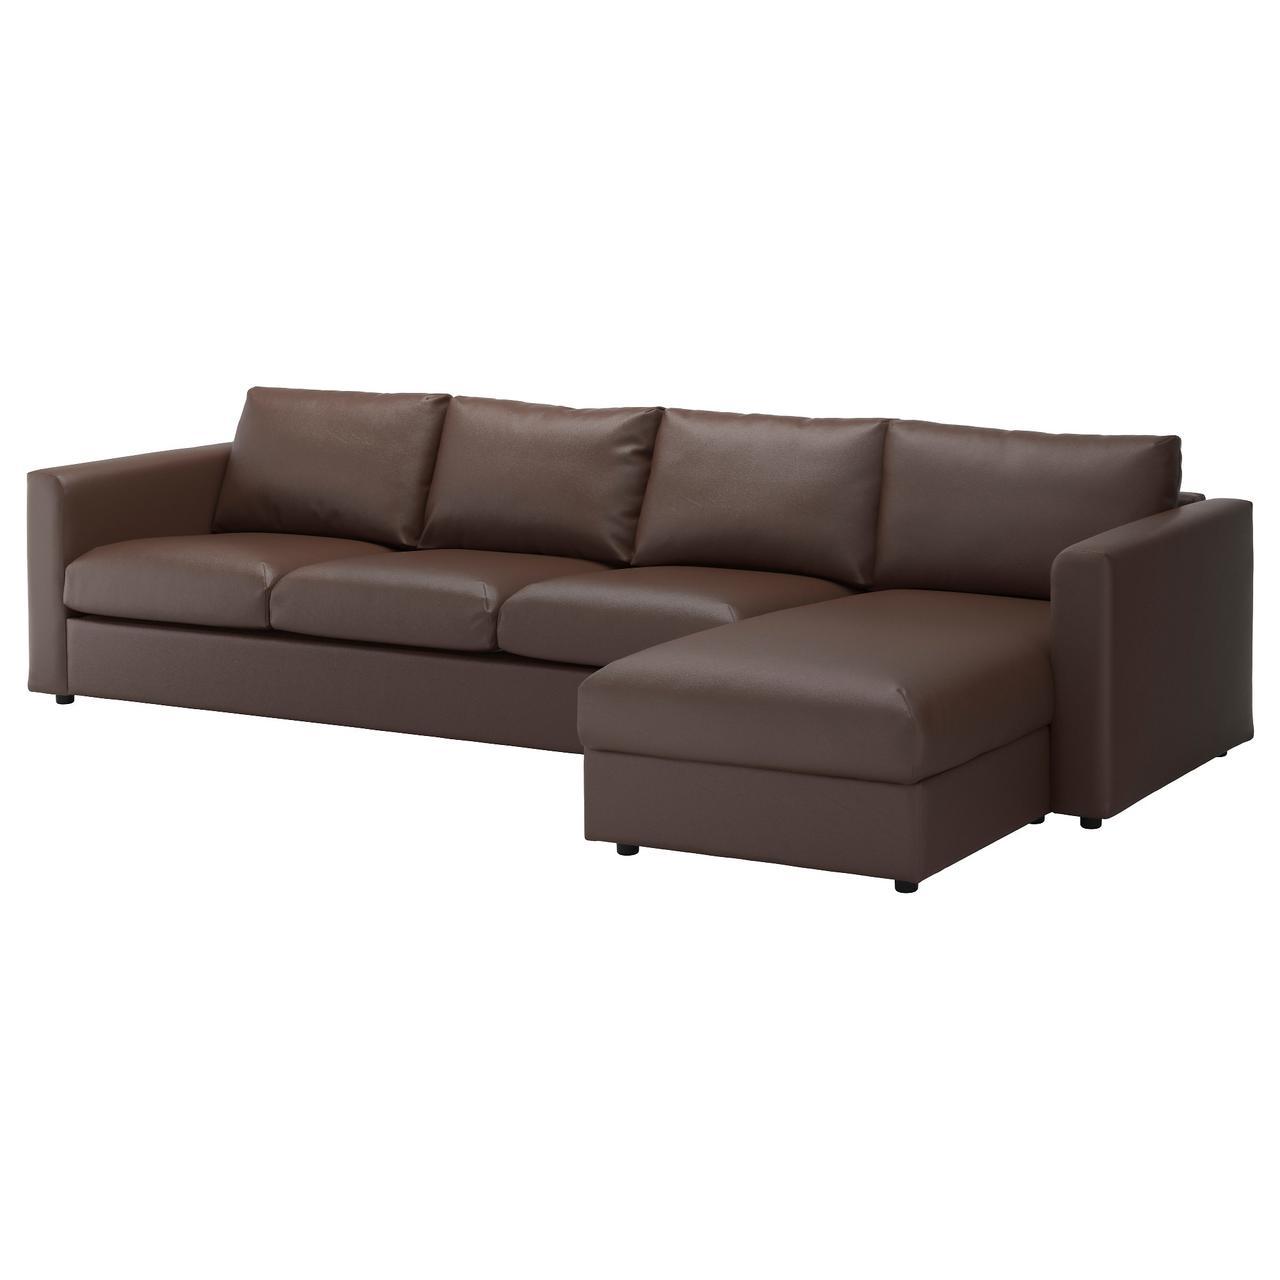 ВИМЛЕ 4-местный диван, с козеткой, Фарста черный